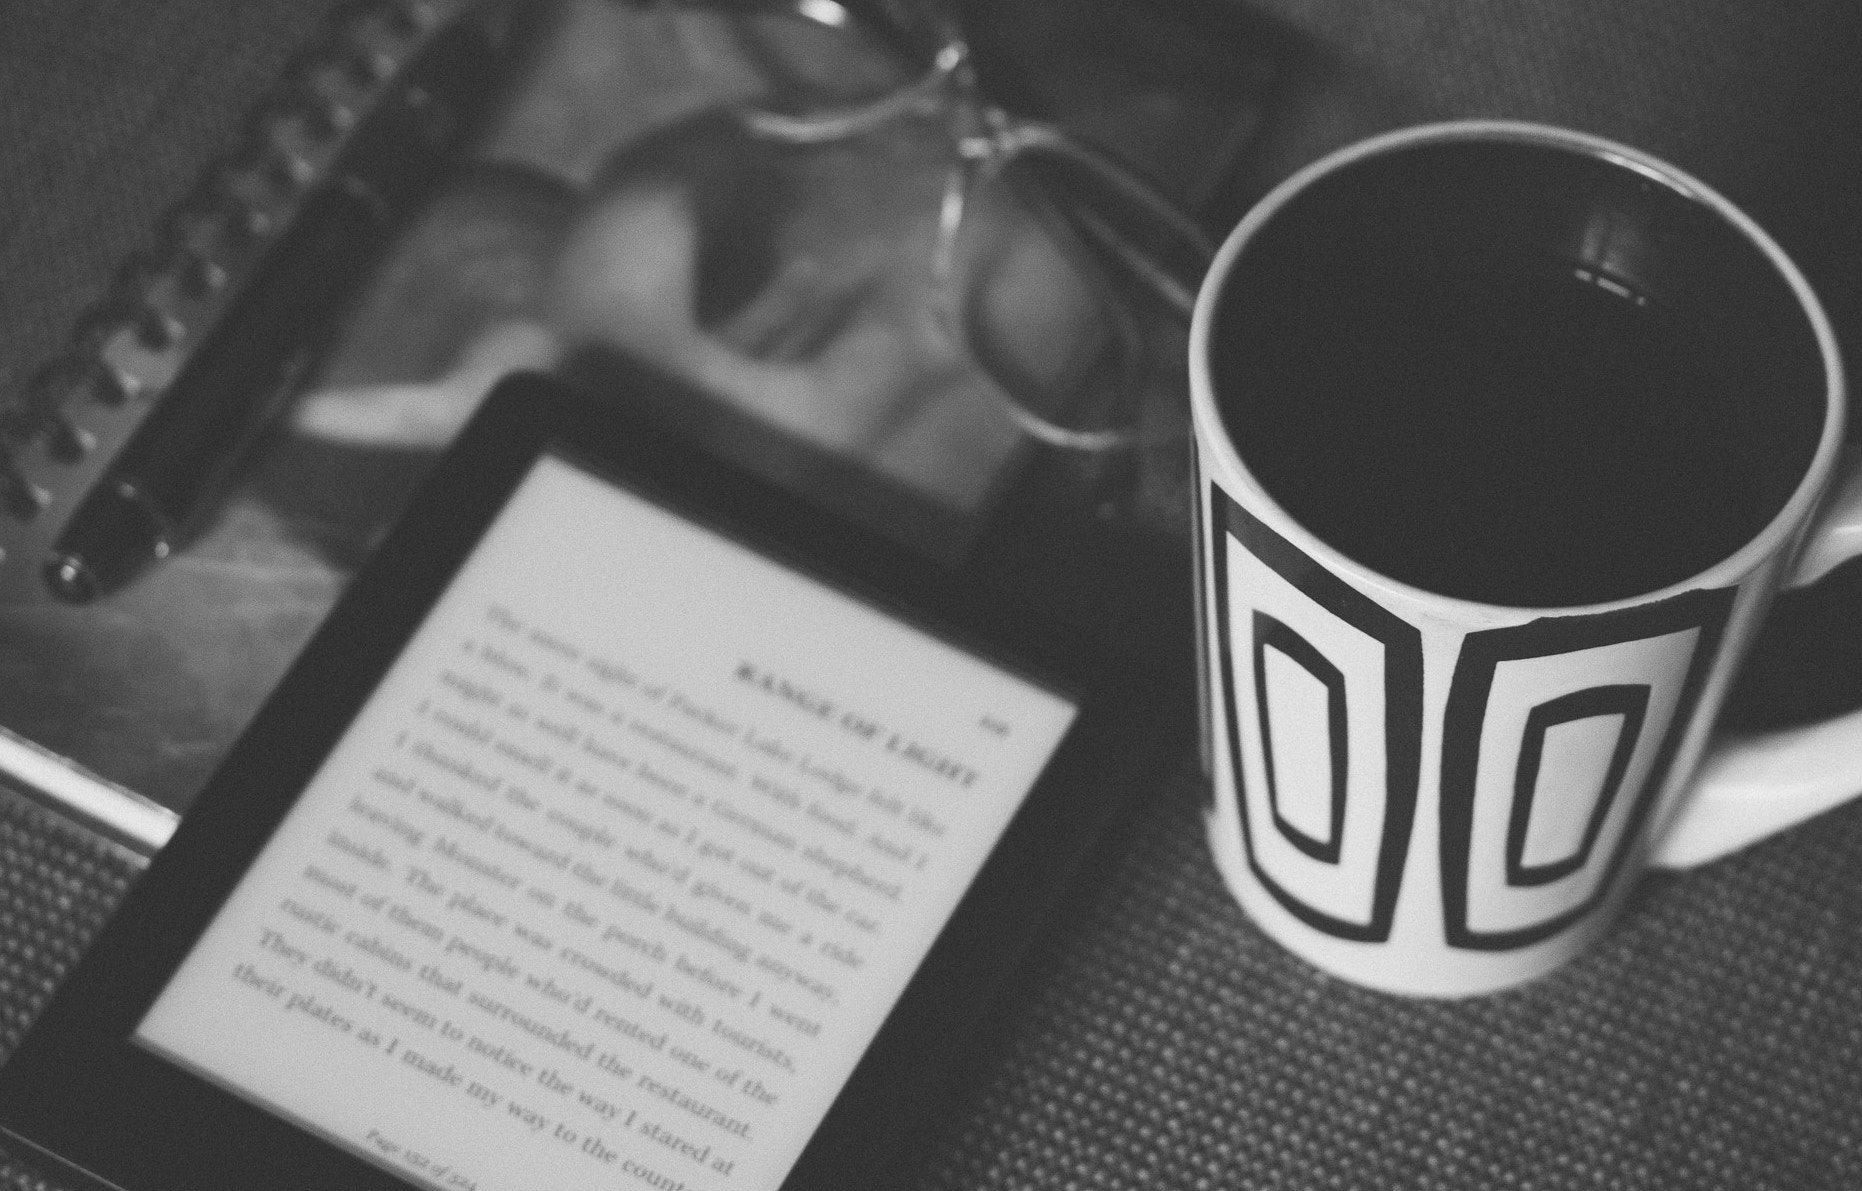 repurpose-content-ebook